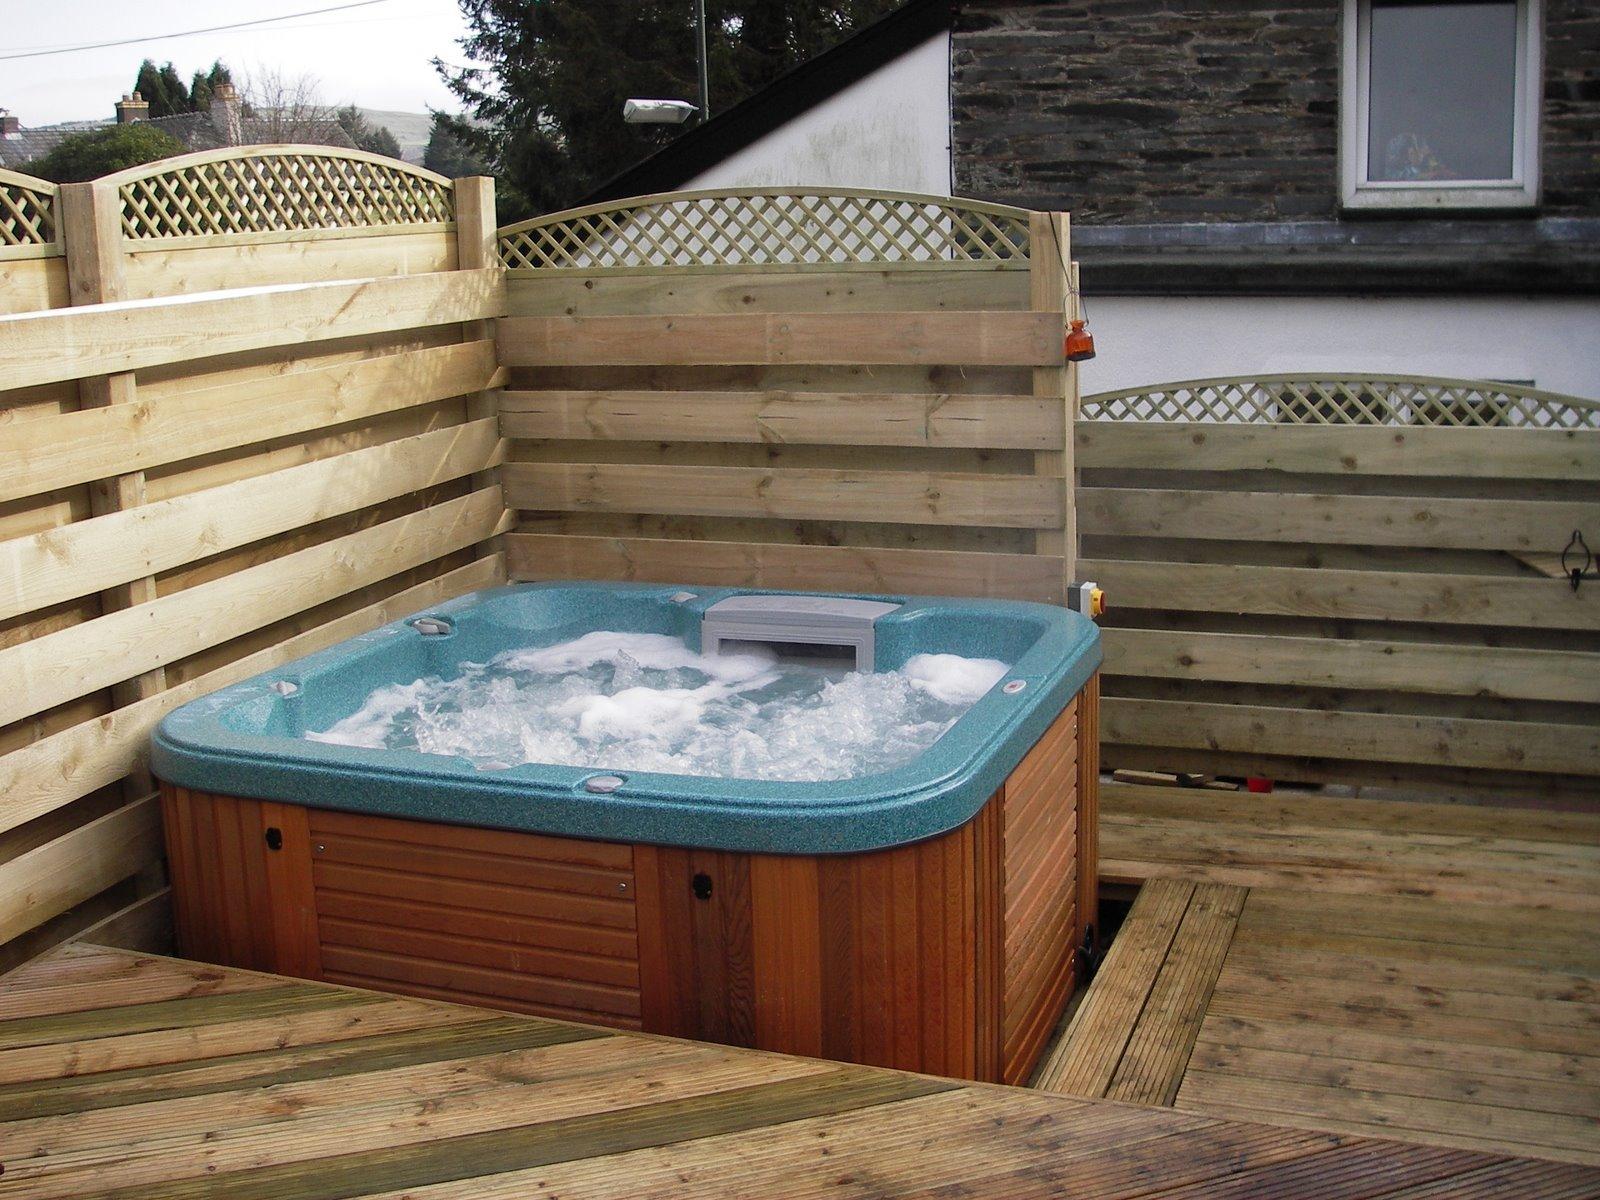 garden decking ideas garden decking with a hot tub on it QEZUJZB